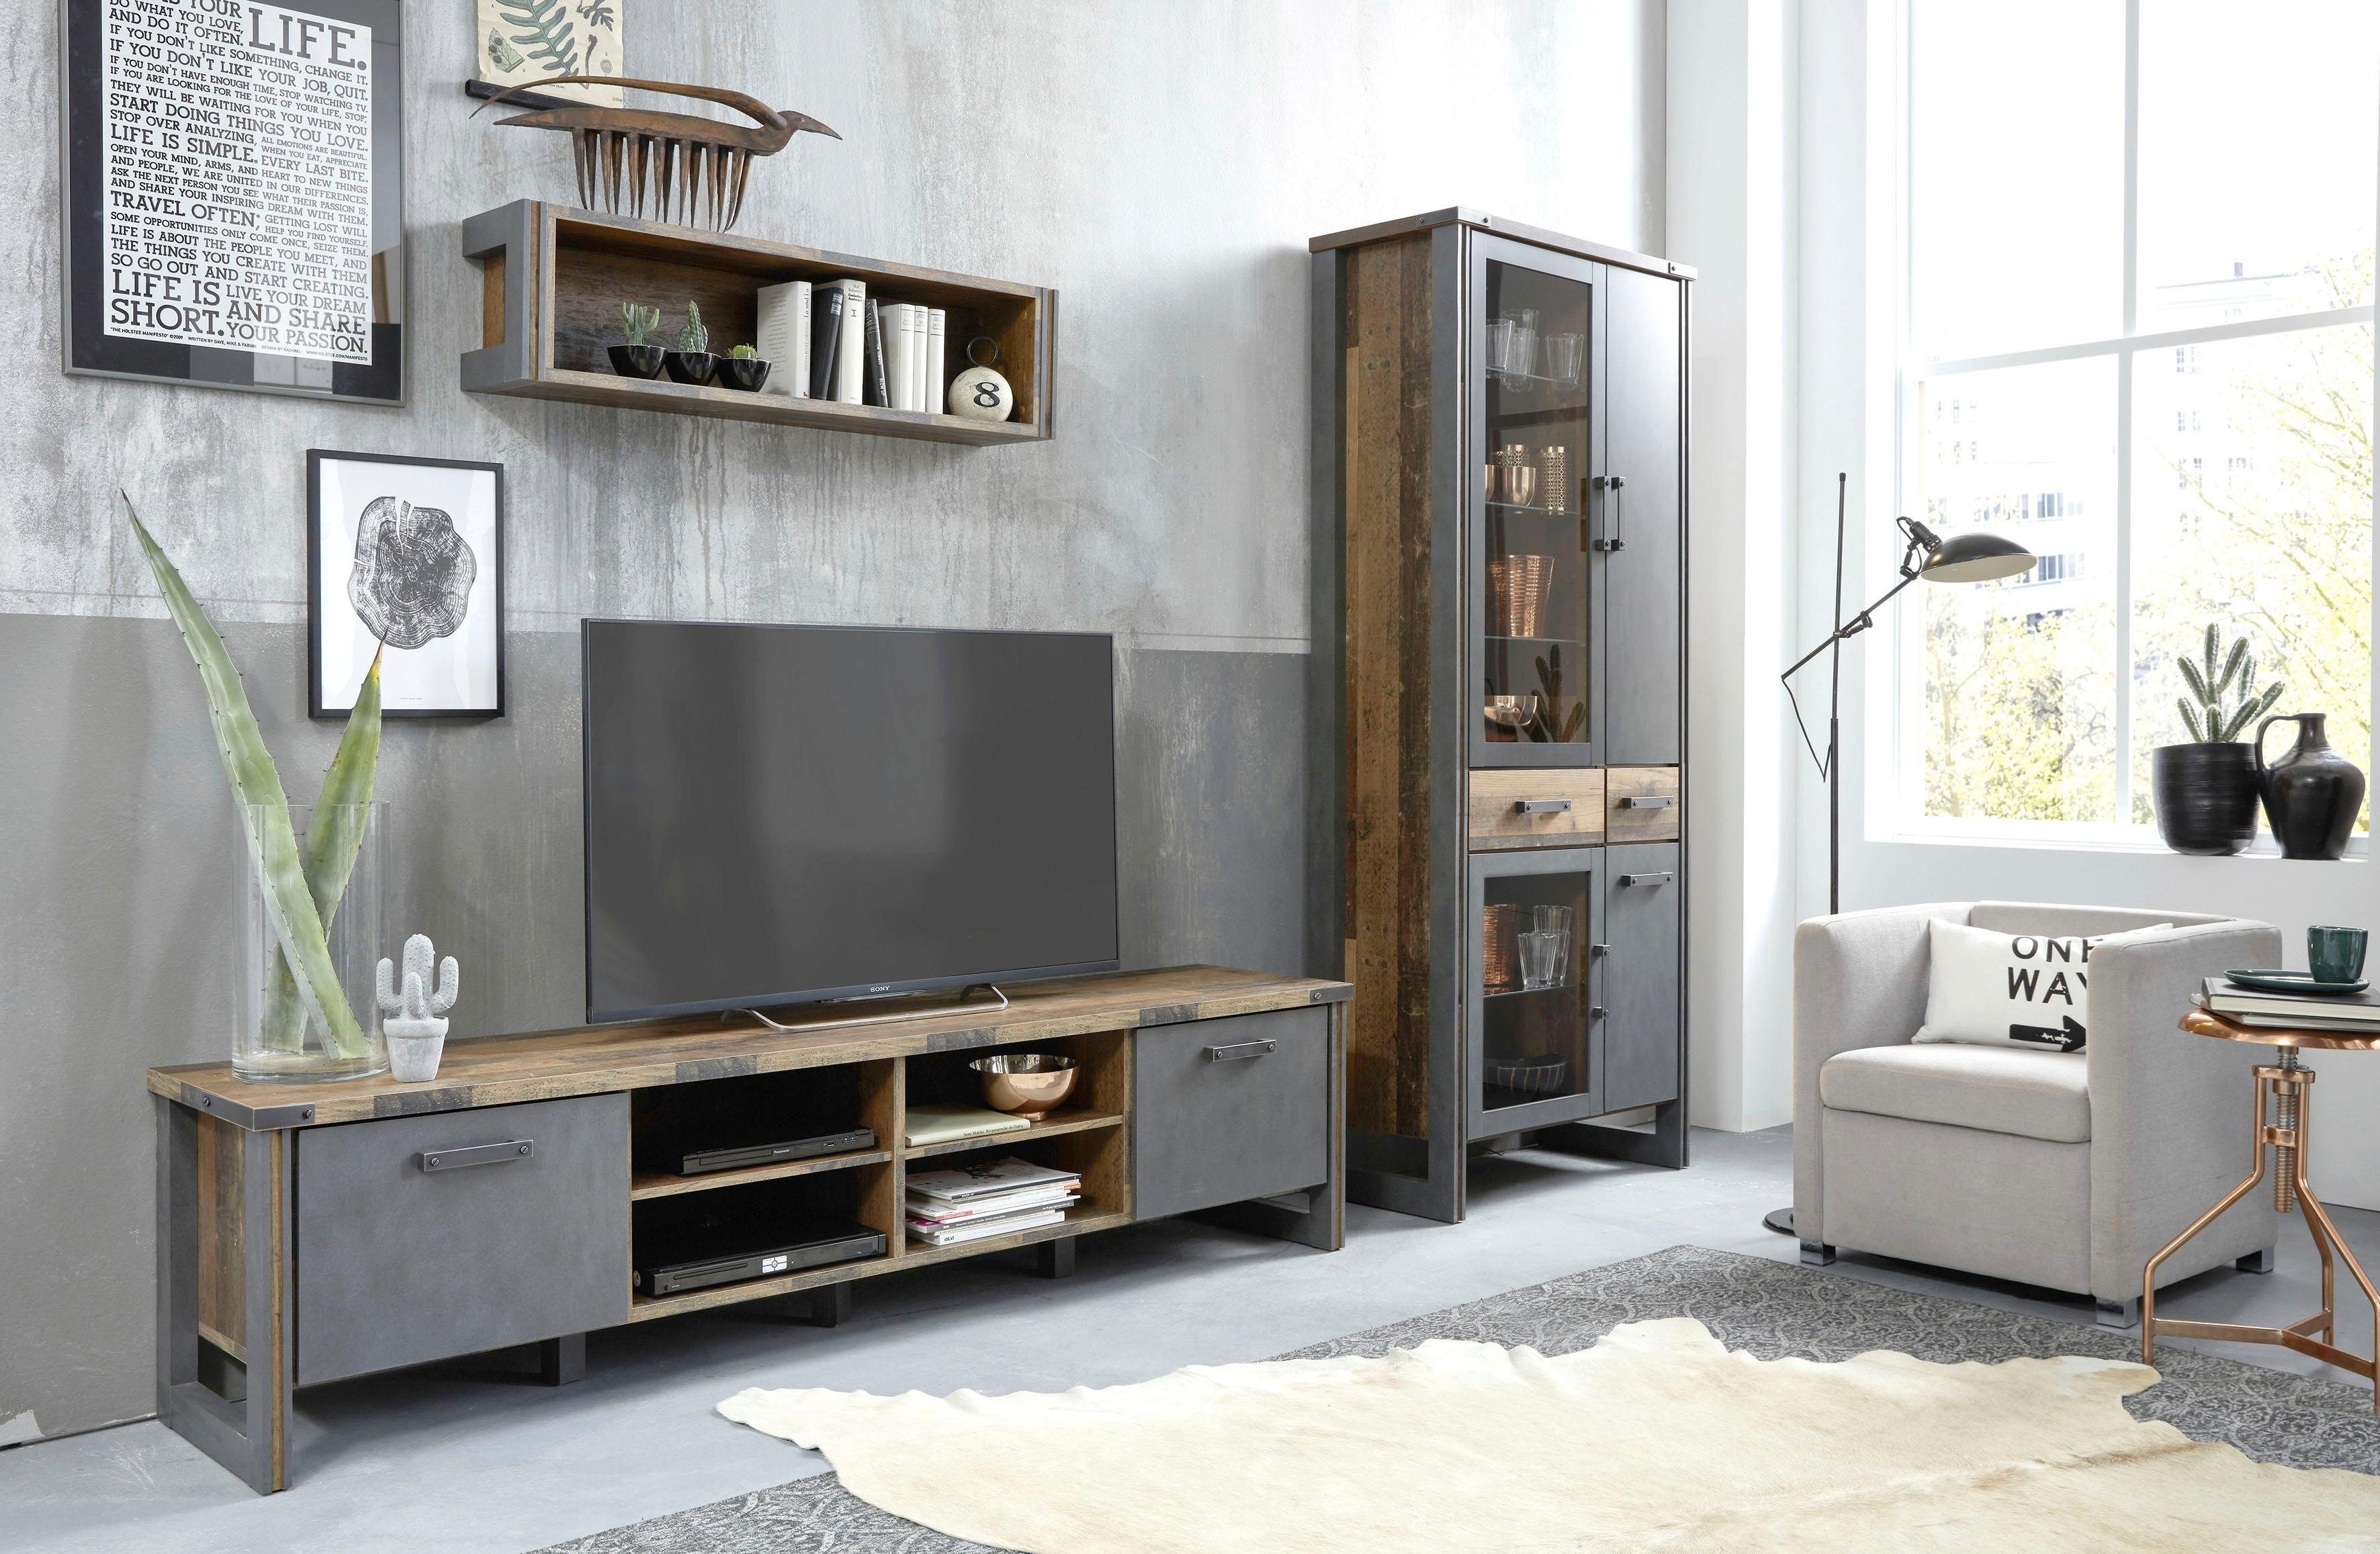 Trendteam Wohnwand Prime Set Konsole Holz Hifi Schrank Und Tv